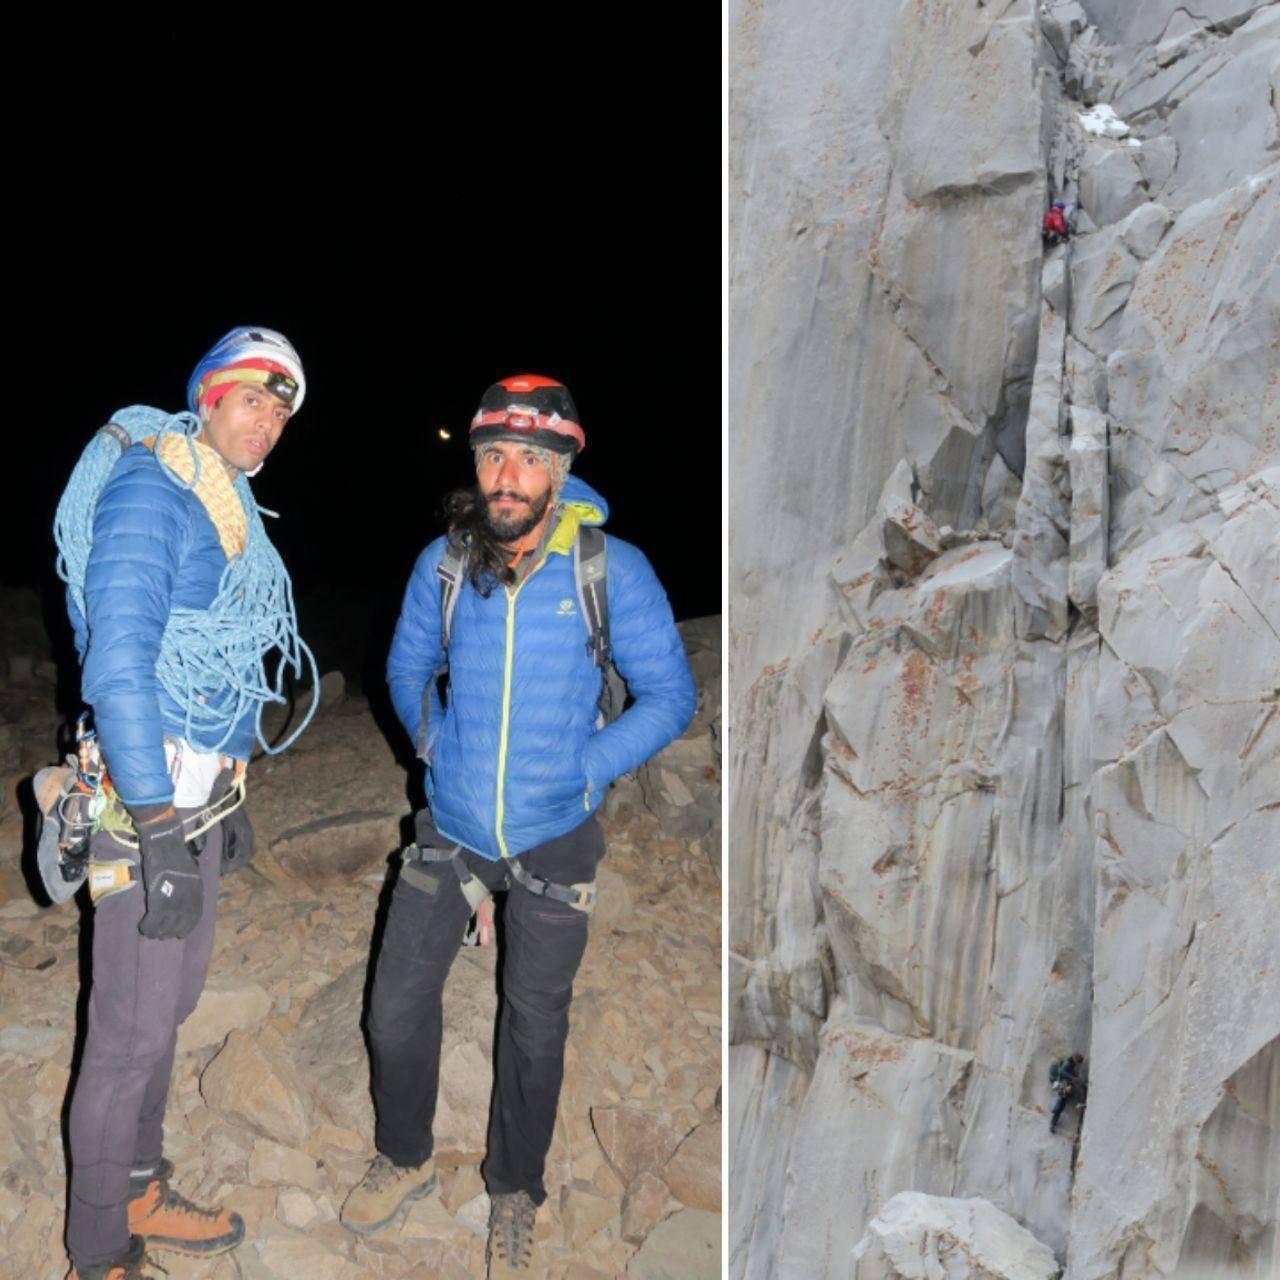 شادباش پیمایش مسیر۴۸ دیواره علم کوه با روش طبیعی